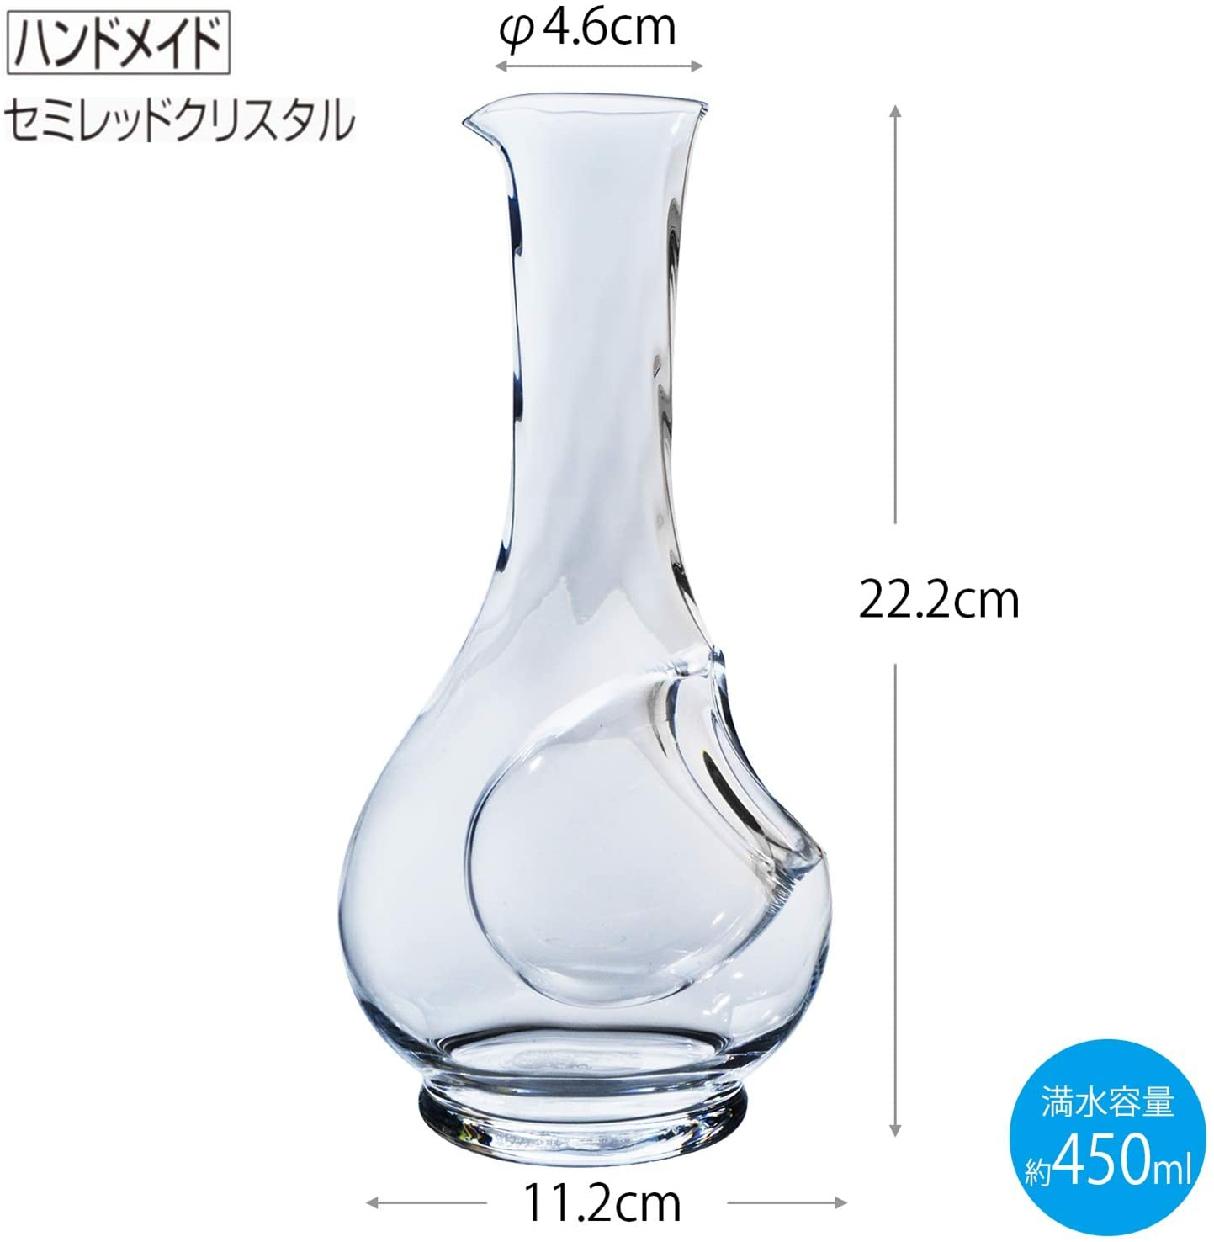 東洋佐々木ガラス(トウヨウササキガラス) ワインクーラー(小) 450ml 61232の商品画像3